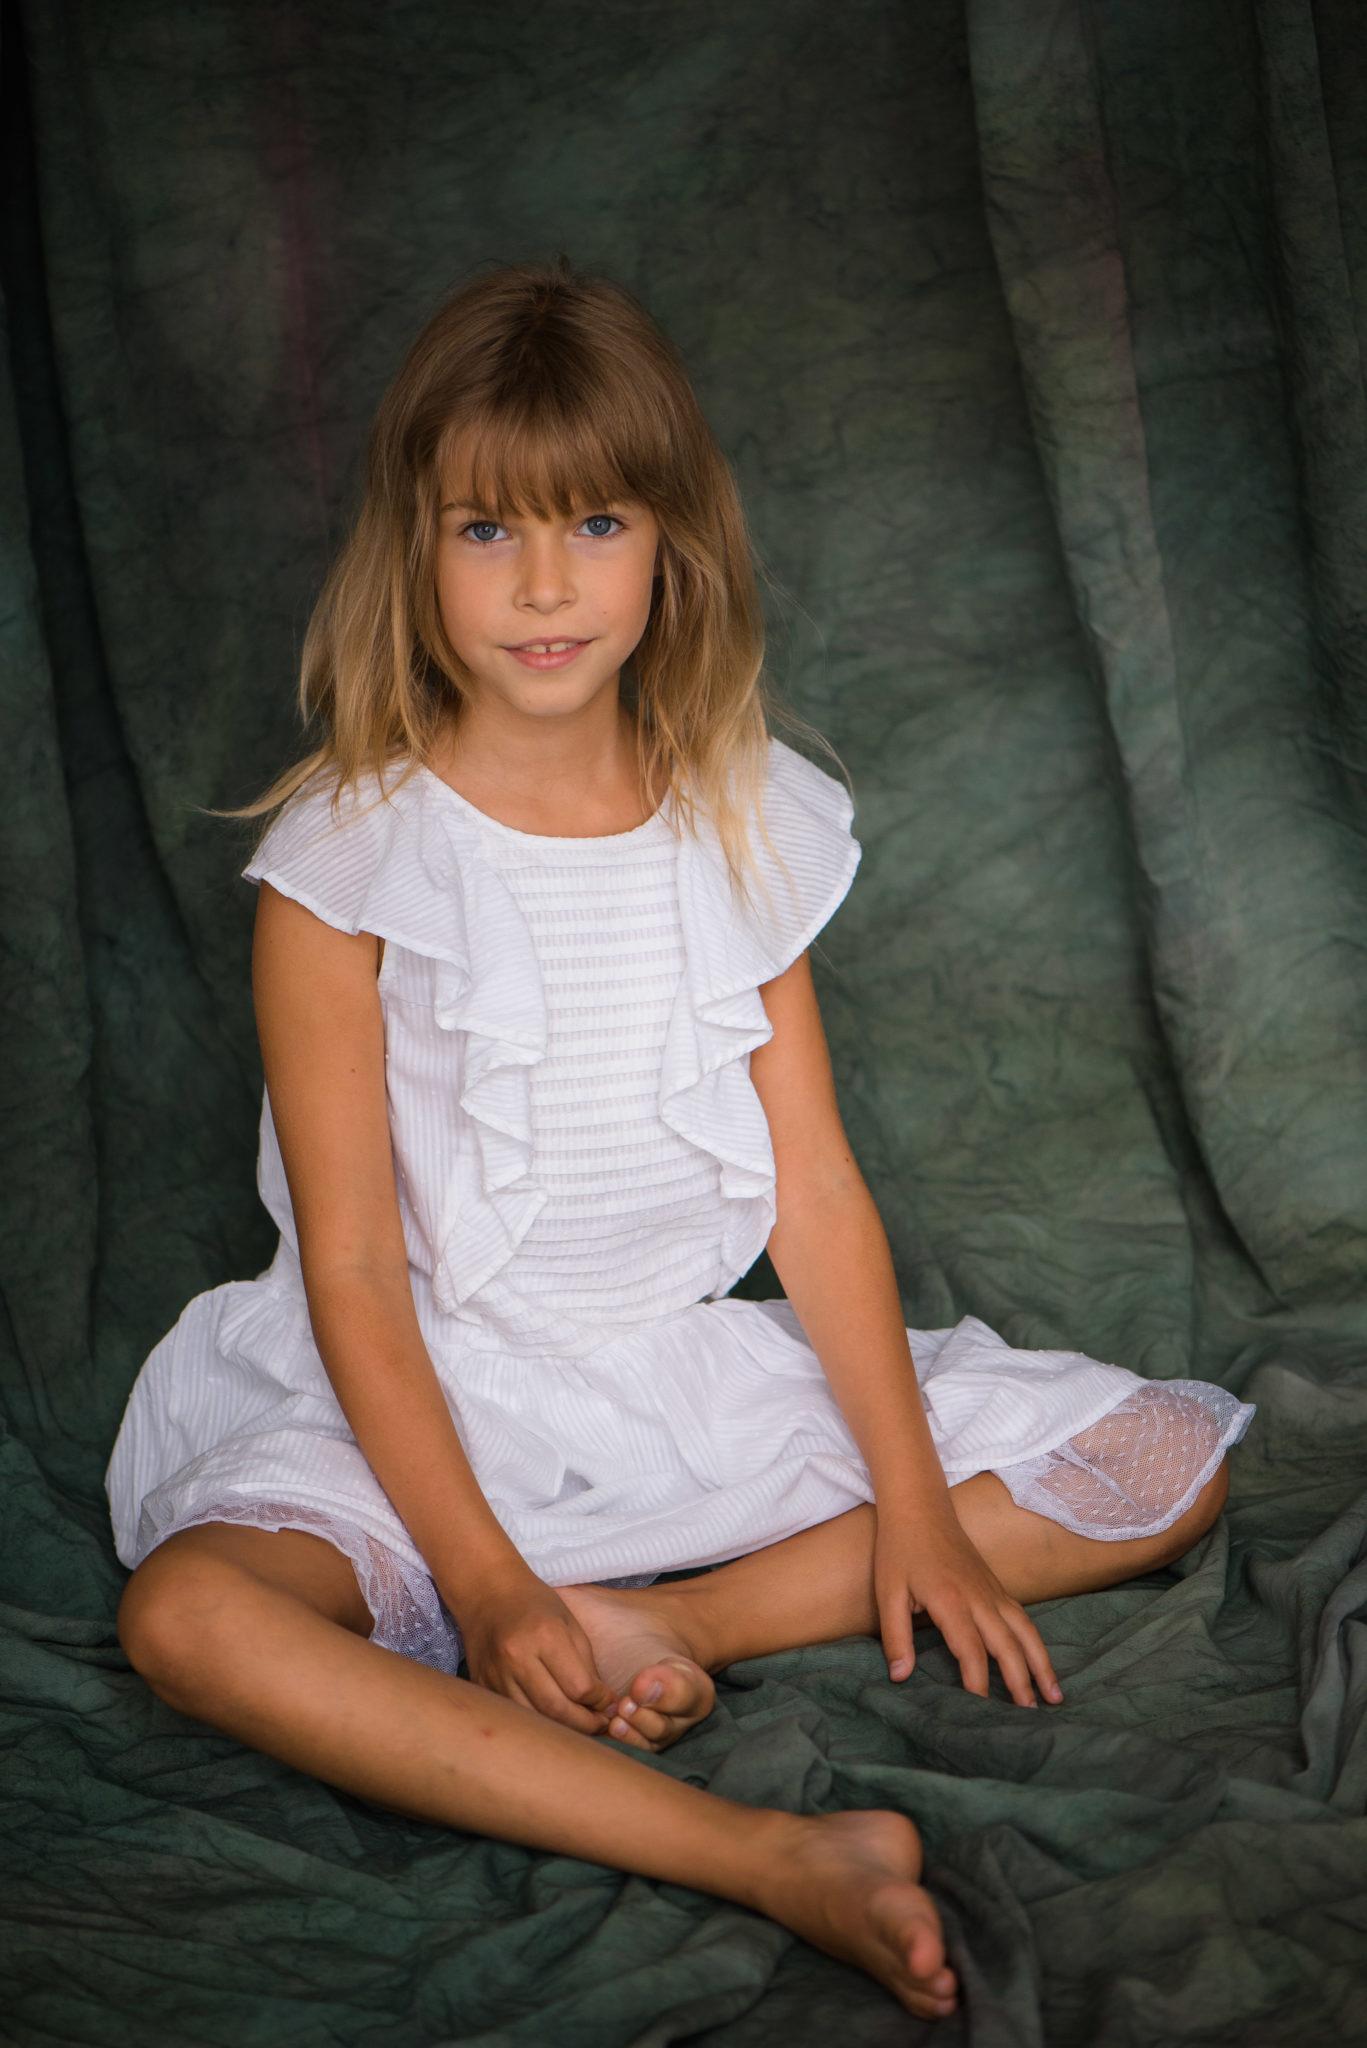 Детская фотосессия, ребенок в белом платье сидит на зеленовом тканевом фоне